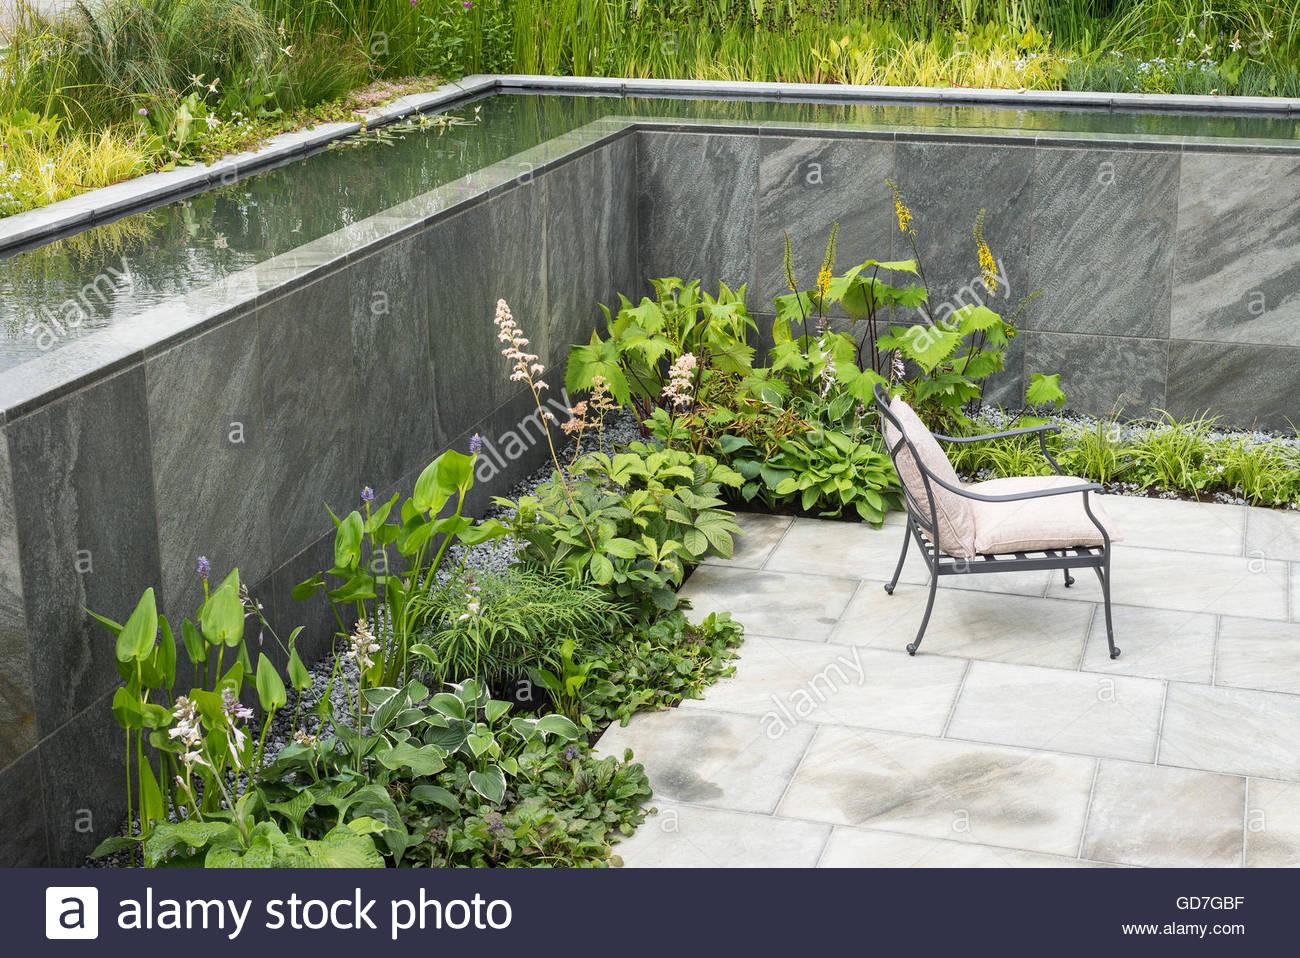 Pareti Con Cascate Dacqua : Pavimentato giardino sommerso con flusso di acqua di piscina